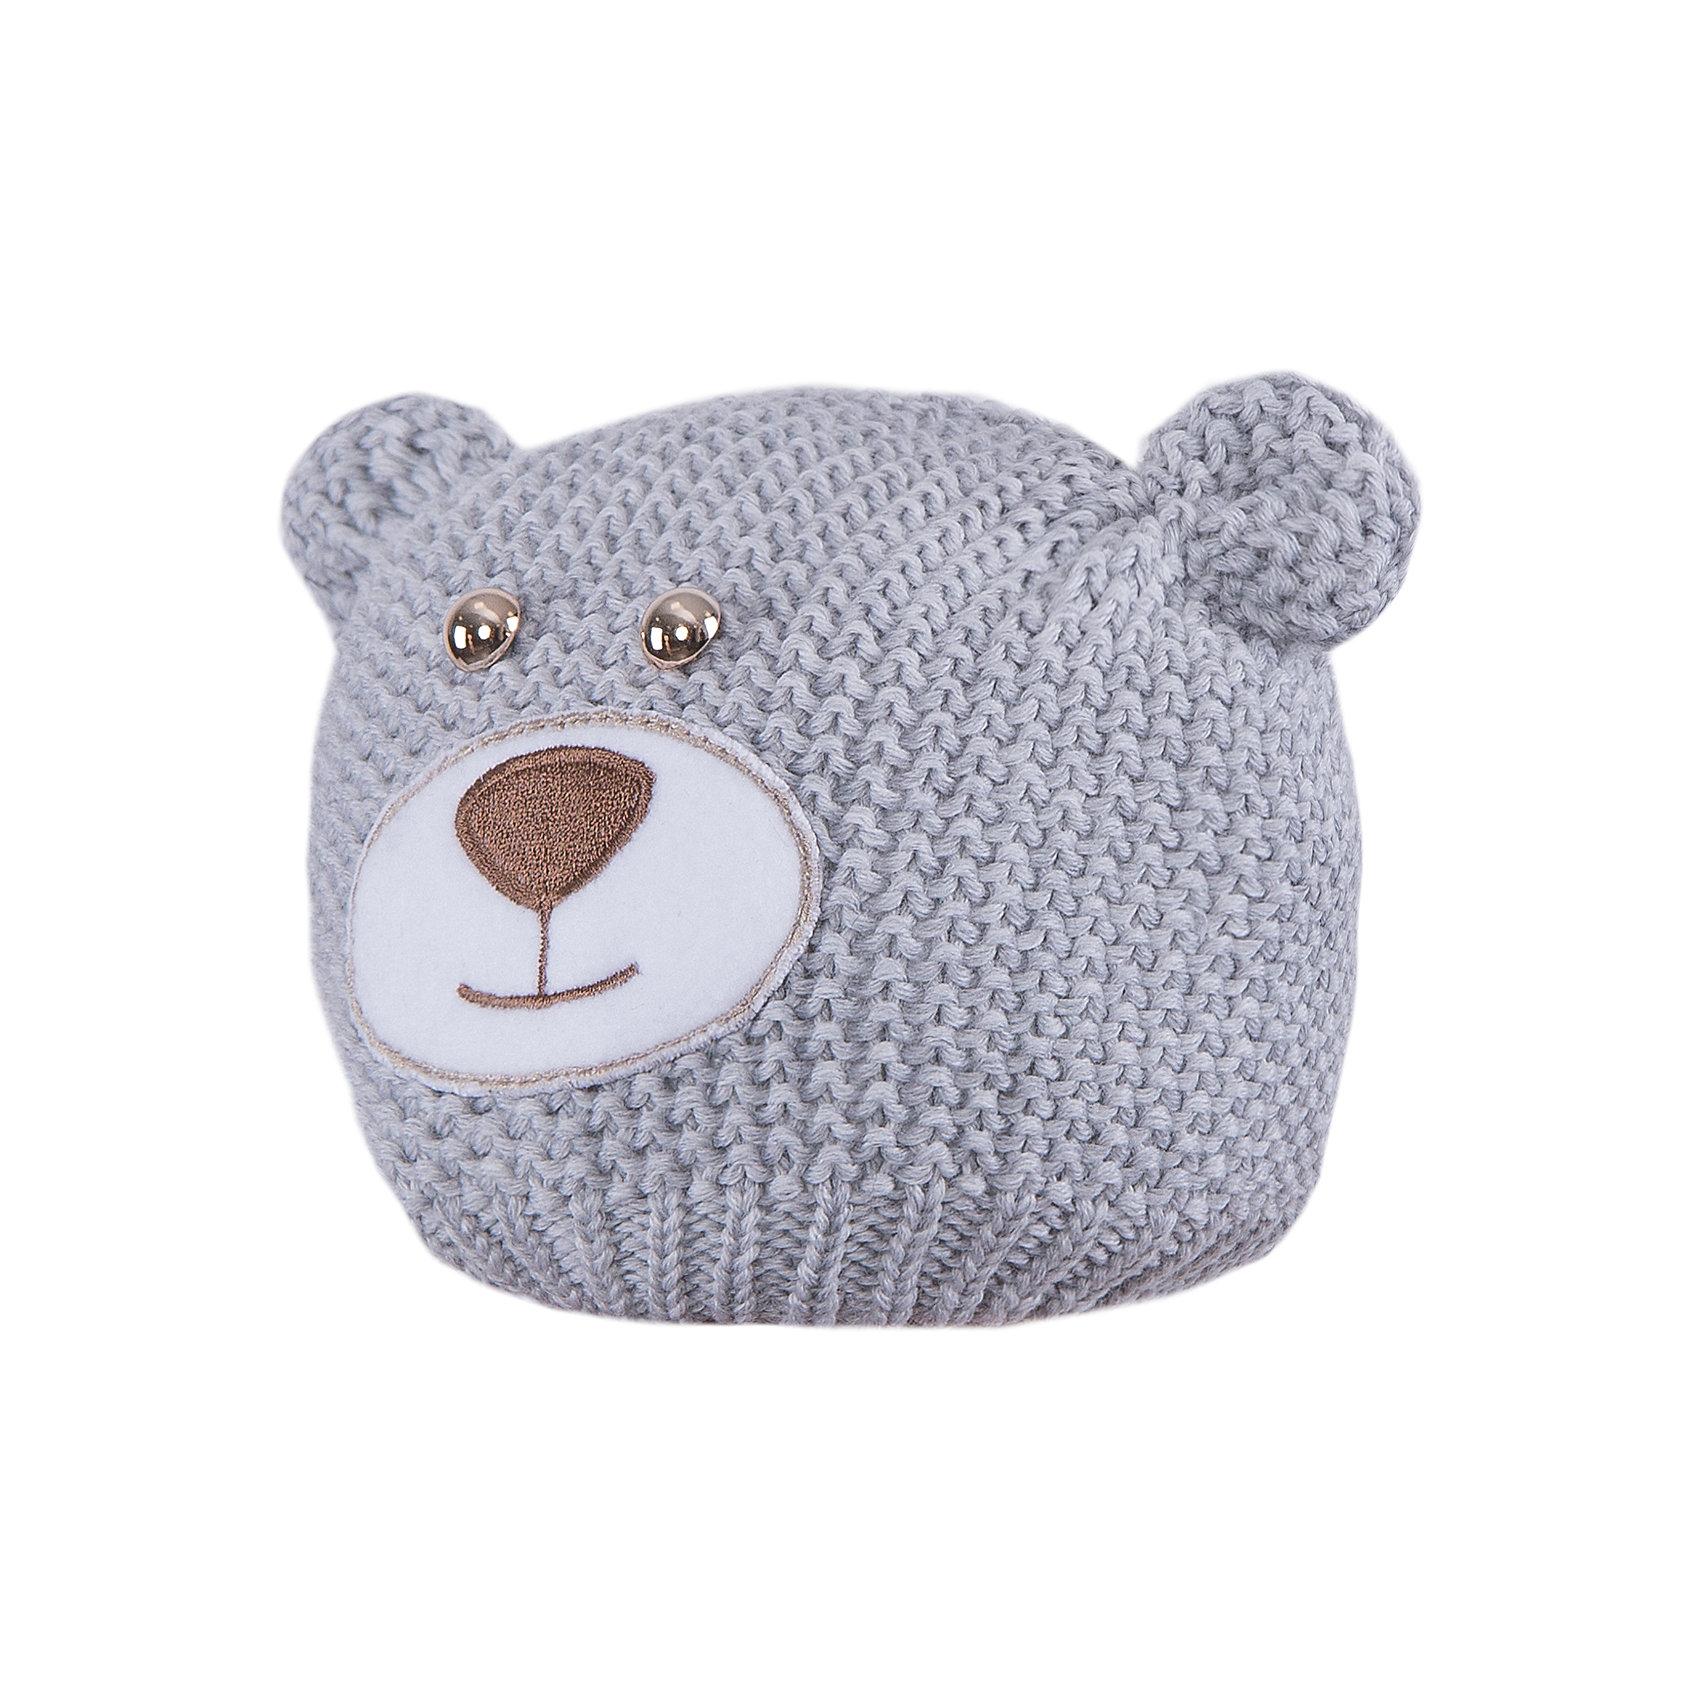 Шапка АртельШапка от торговой марки Артель <br><br>Симпатичная вязаная шапка в виде медвежонка делает ребенка еще более милым. Изделие выполнено из качественной натуральной шерсти, мягкой и теплой.<br>Одежда от бренда Артель – это высокое качество по приемлемой цене и всегда продуманный дизайн. <br><br>Особенности модели: <br>- цвет — серый; <br>- украшена ушками как у медвежонка и соответствующей вышивкой; <br>- натуральная шерсть. <br><br>Дополнительная информация: <br><br>Состав: 100% шерсть.<br><br>Температурный режим: <br>от -10 °C до +10 °C <br><br>Шапку Артель (Artel) можно купить в нашем магазине.<br><br>Ширина мм: 89<br>Глубина мм: 117<br>Высота мм: 44<br>Вес г: 155<br>Цвет: серый<br>Возраст от месяцев: 4<br>Возраст до месяцев: 6<br>Пол: Женский<br>Возраст: Детский<br>Размер: 44,42,46<br>SKU: 4500715